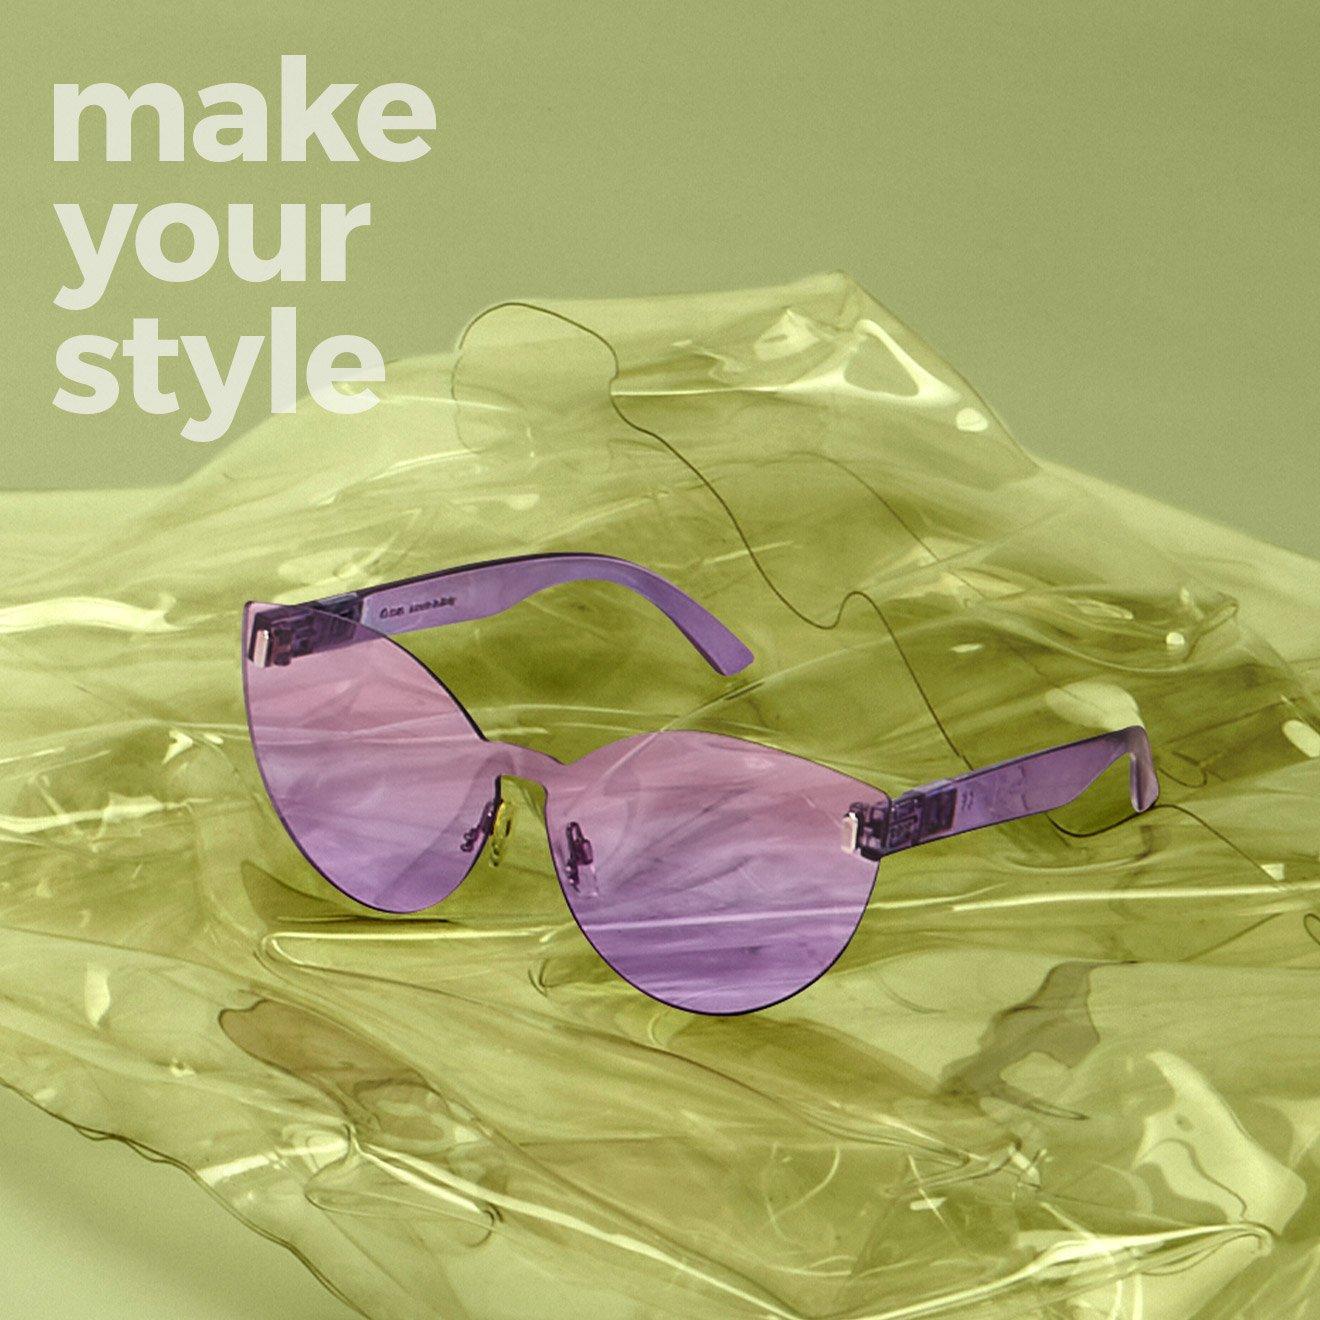 Міксуйте елементи, створюючи вашу комбінацію окулярів O sun Flat